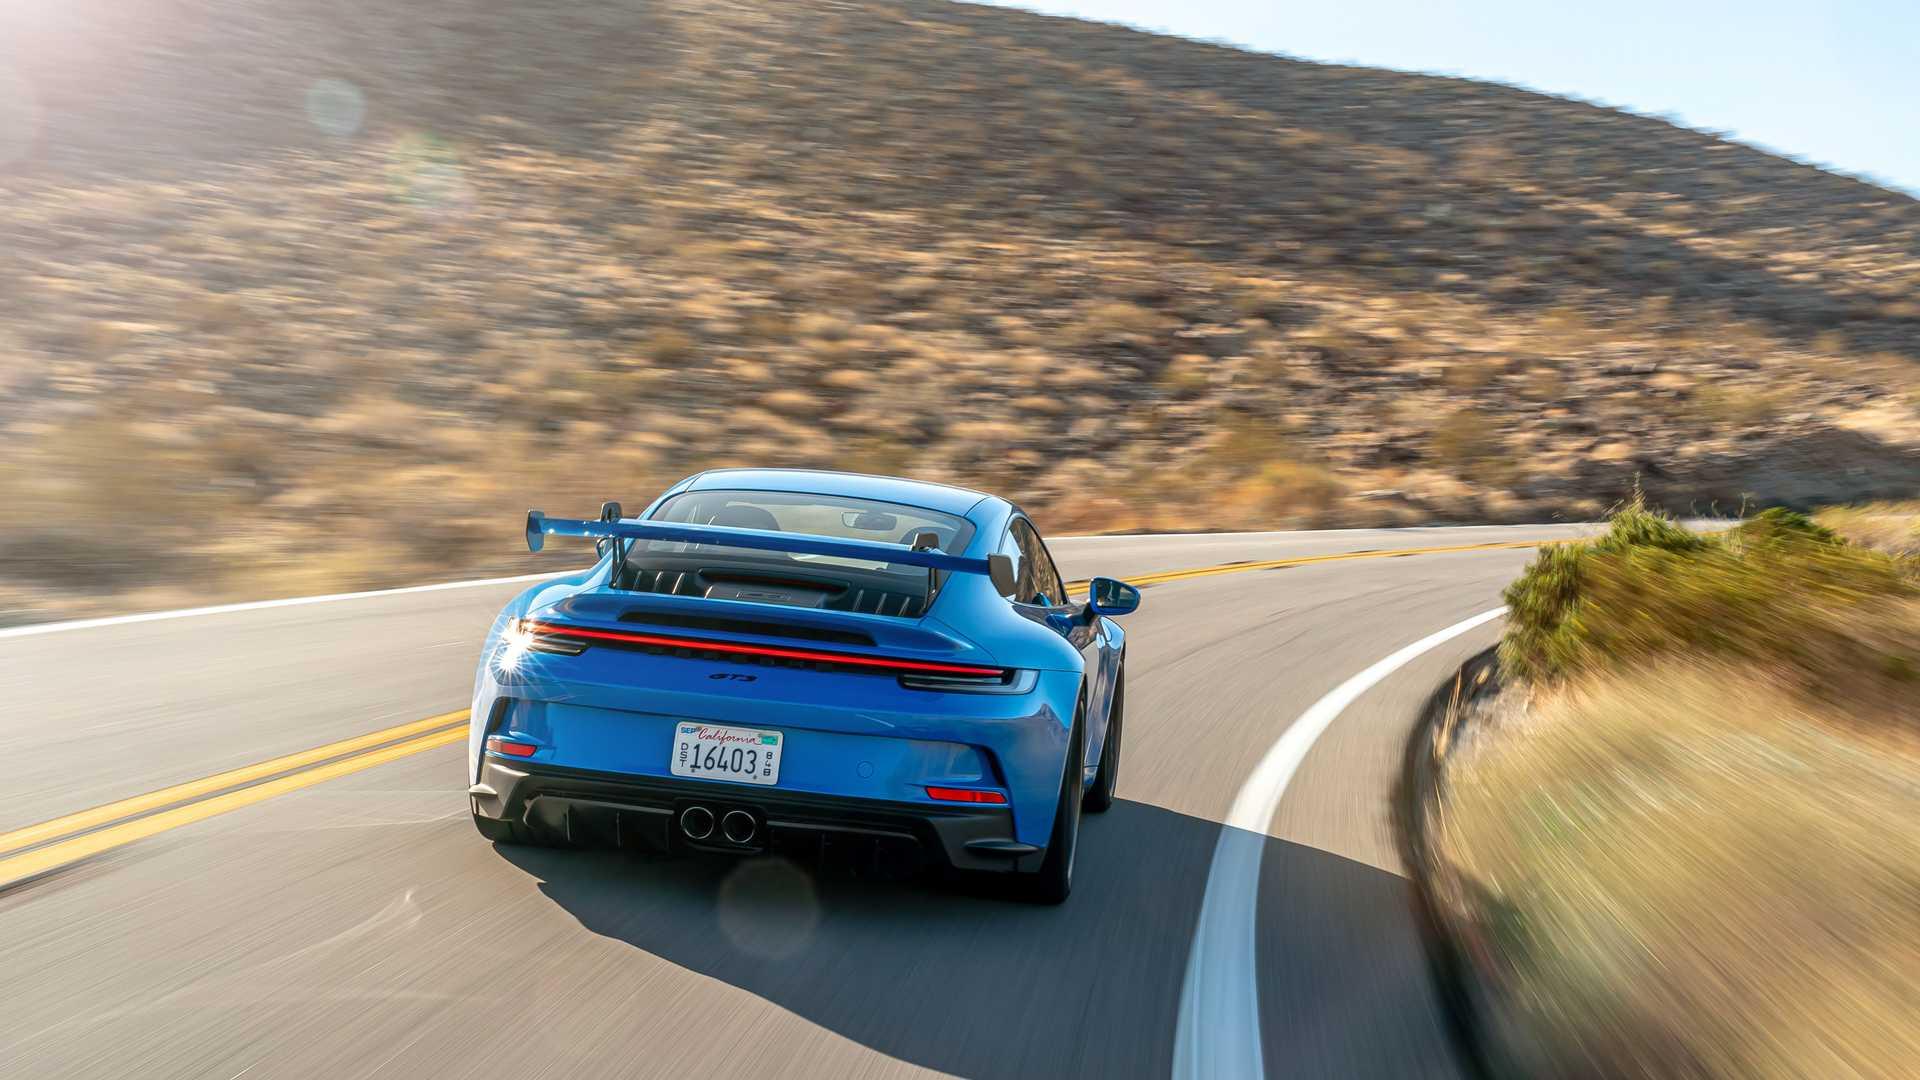 2022 porsche 911 gt3 blue